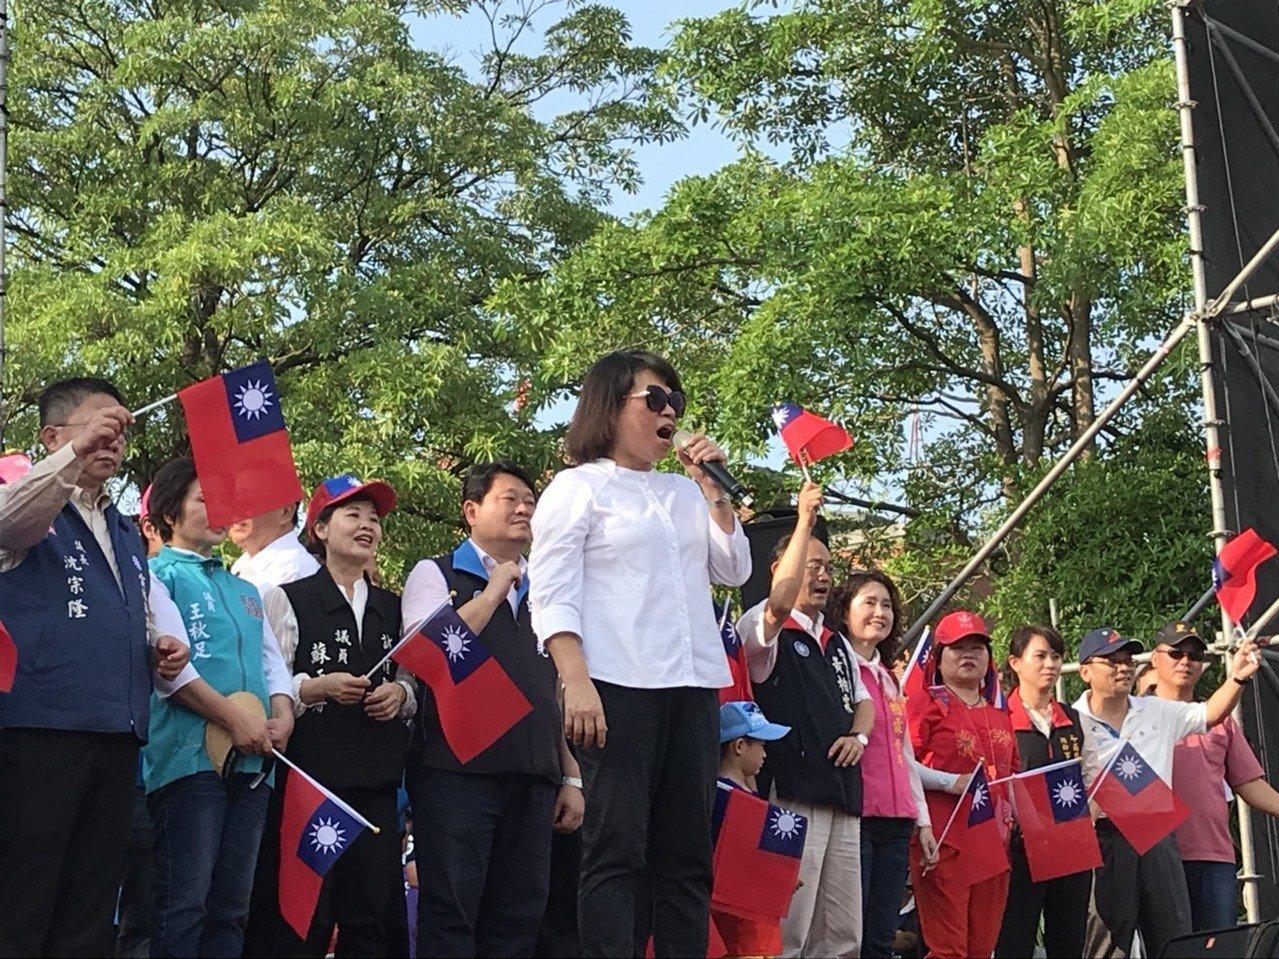 嘉義市長黃敏惠(前中)跨縣市來到現場挺韓。記者姜宜菁/攝影